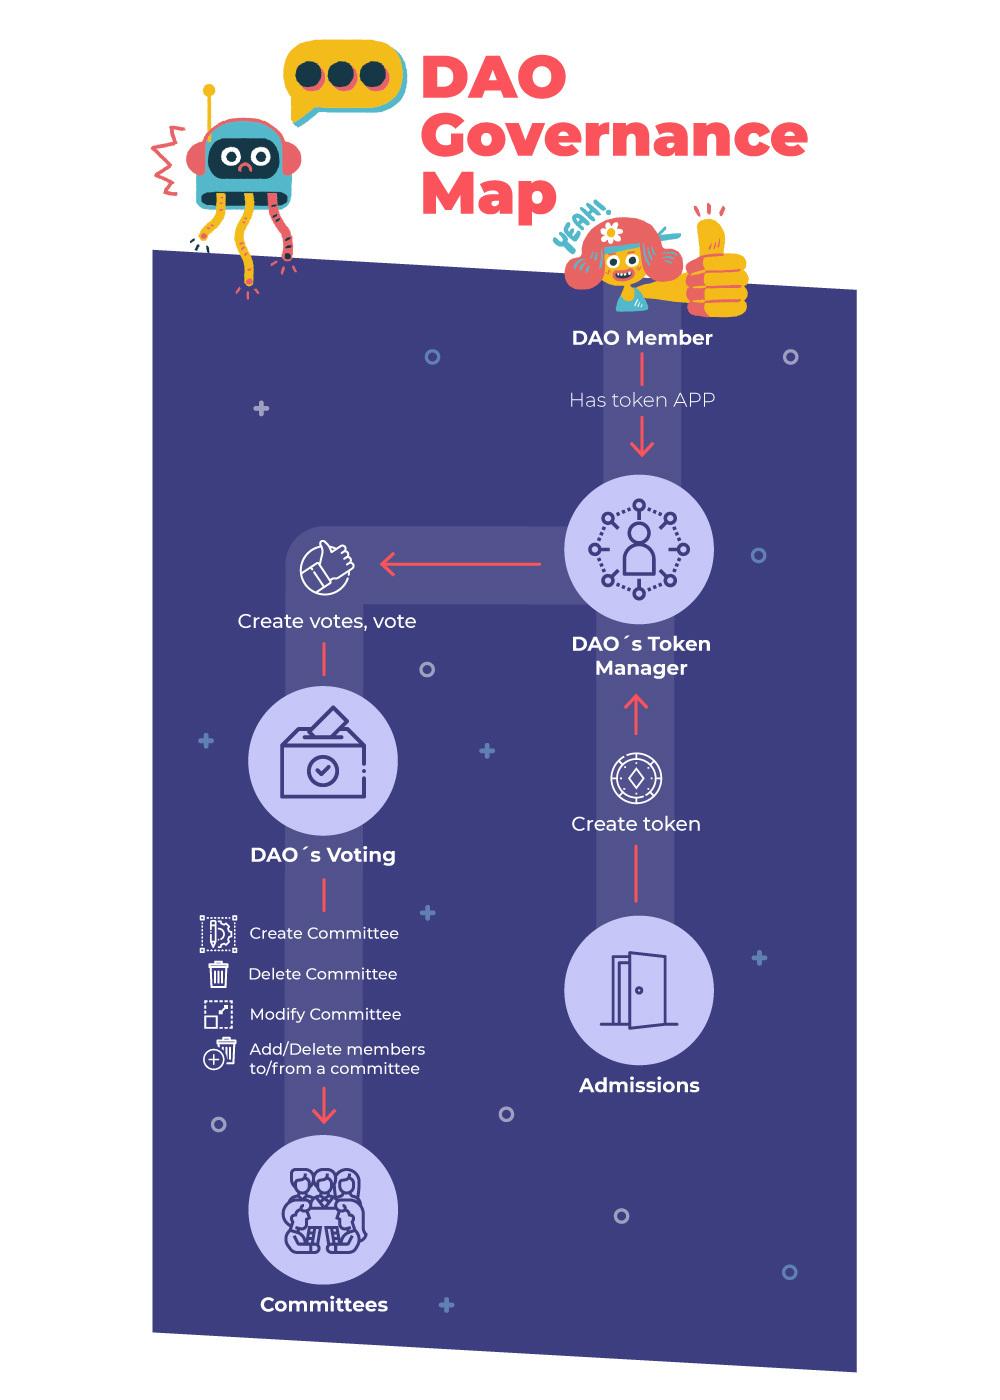 DAO governance Map